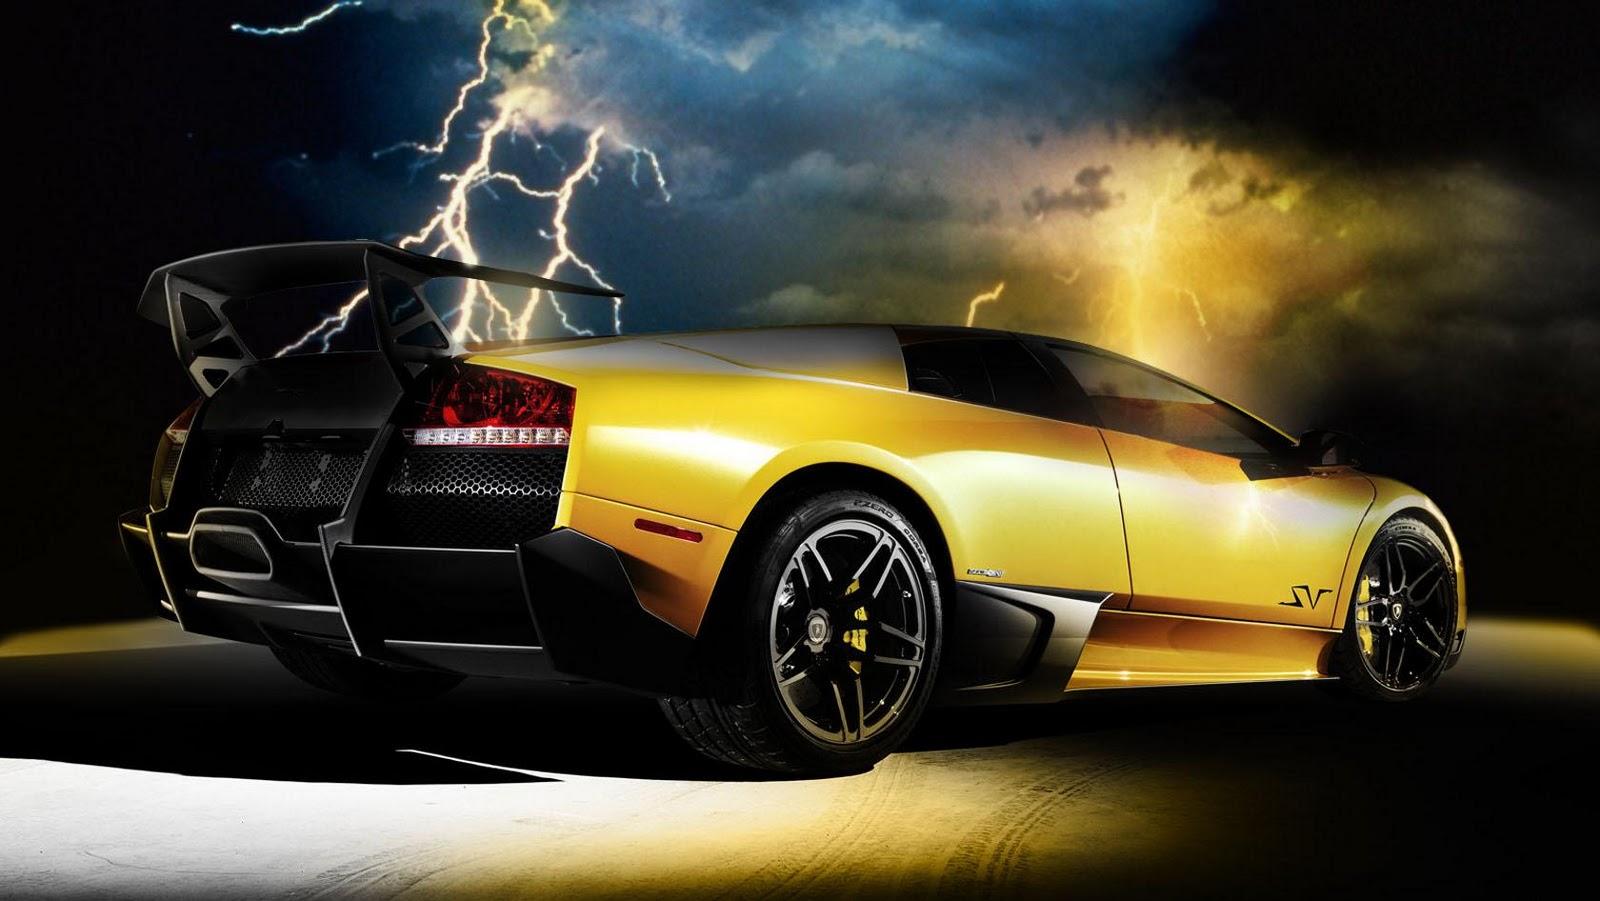 Hdcar Wallpapers Lamborghini Murcielago Wallpaper